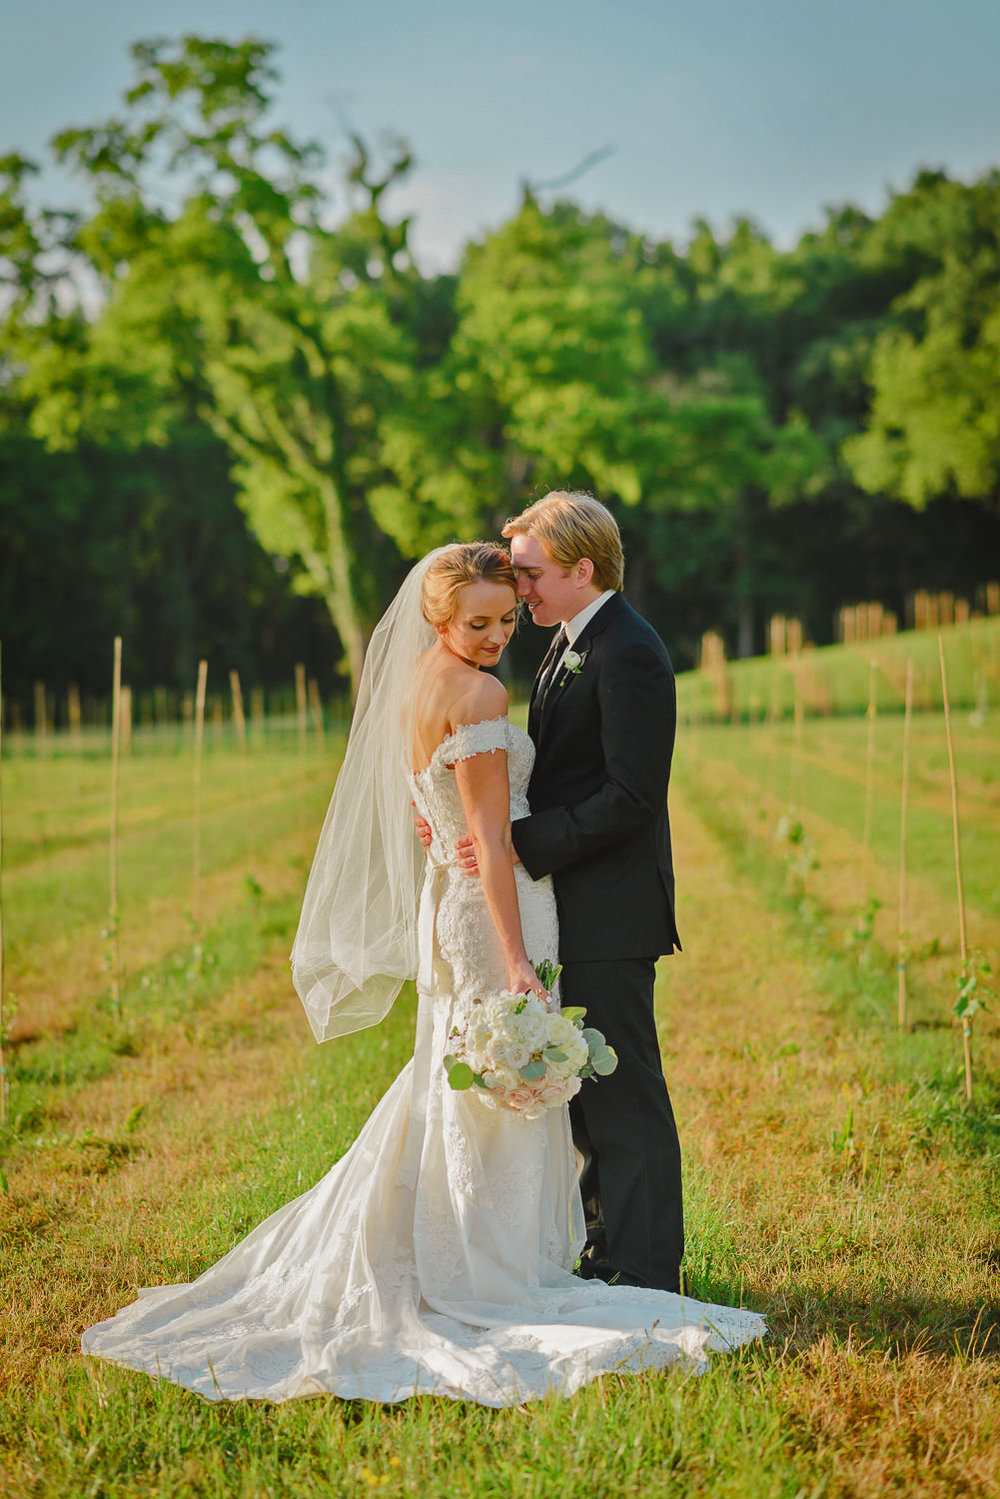 fotografo de bodas mexico - mexico boda en viñedo wedding photographer